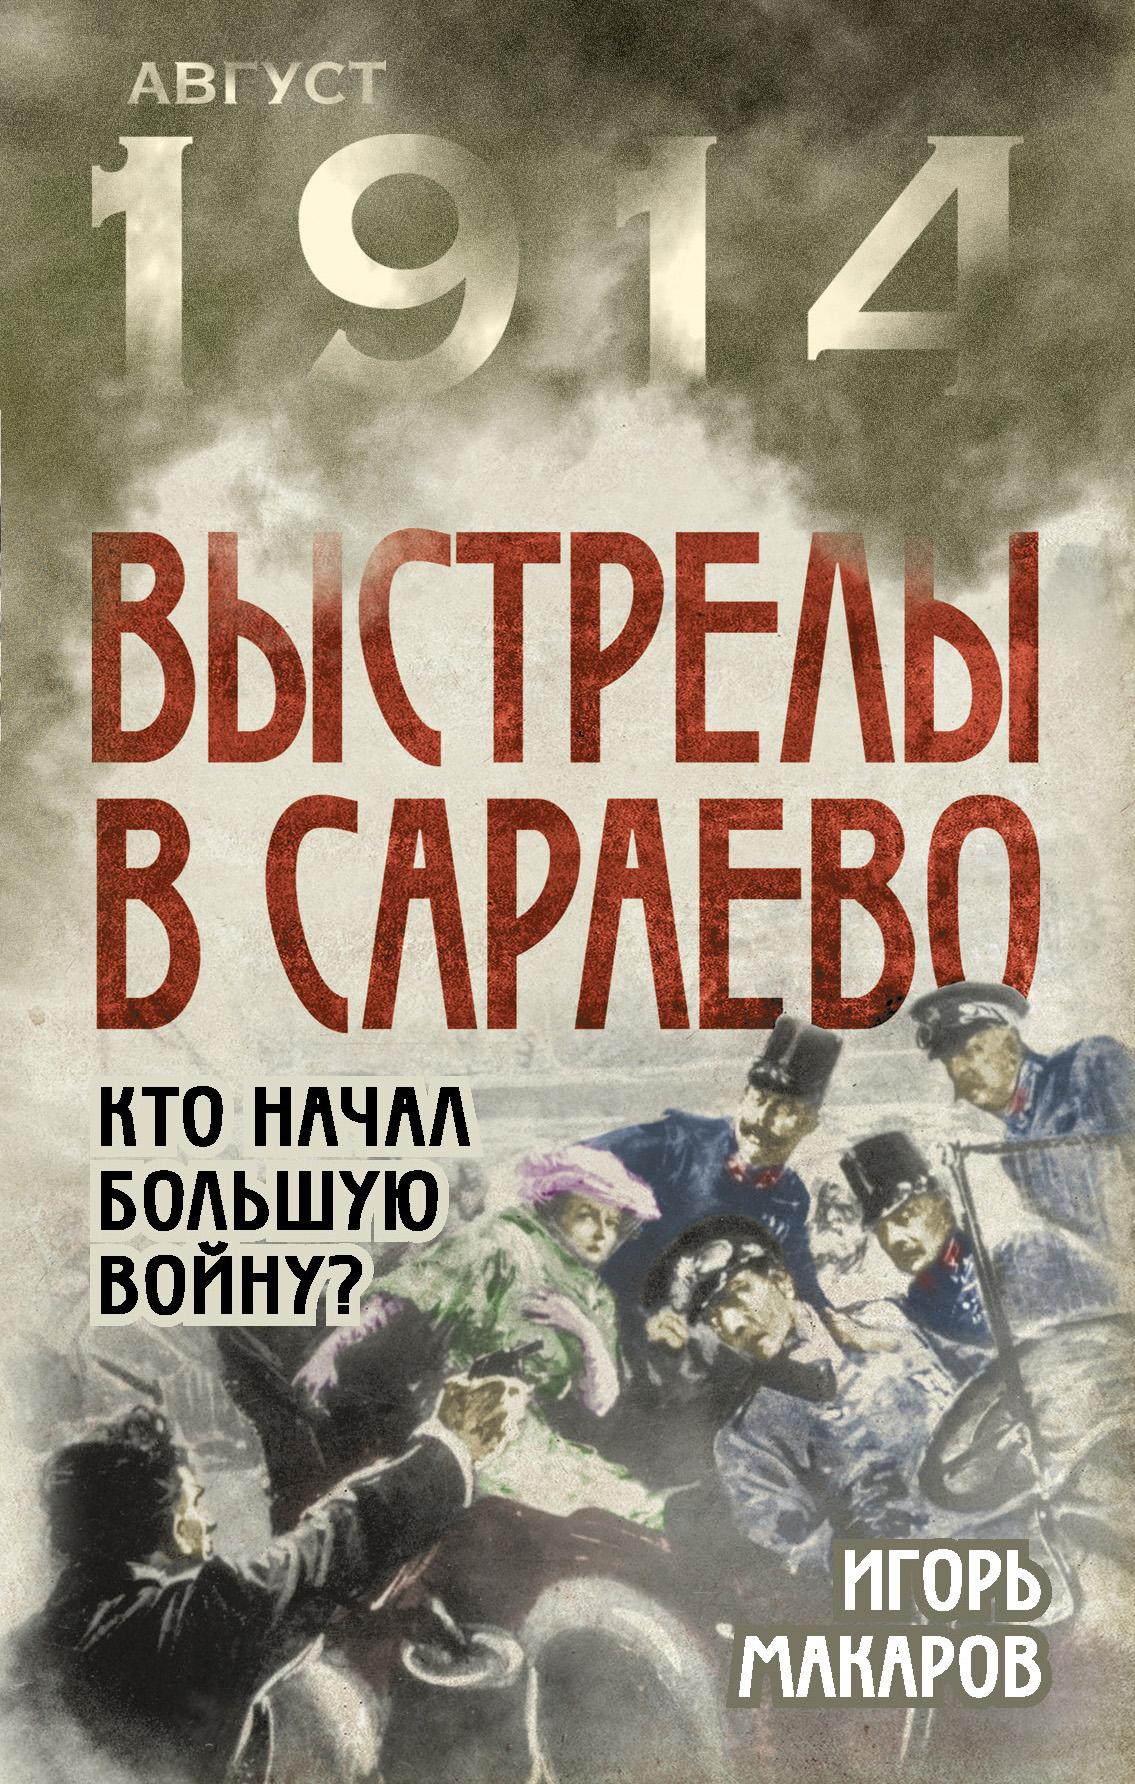 Выстрелы в Сараево. Кто начал Большую войну?